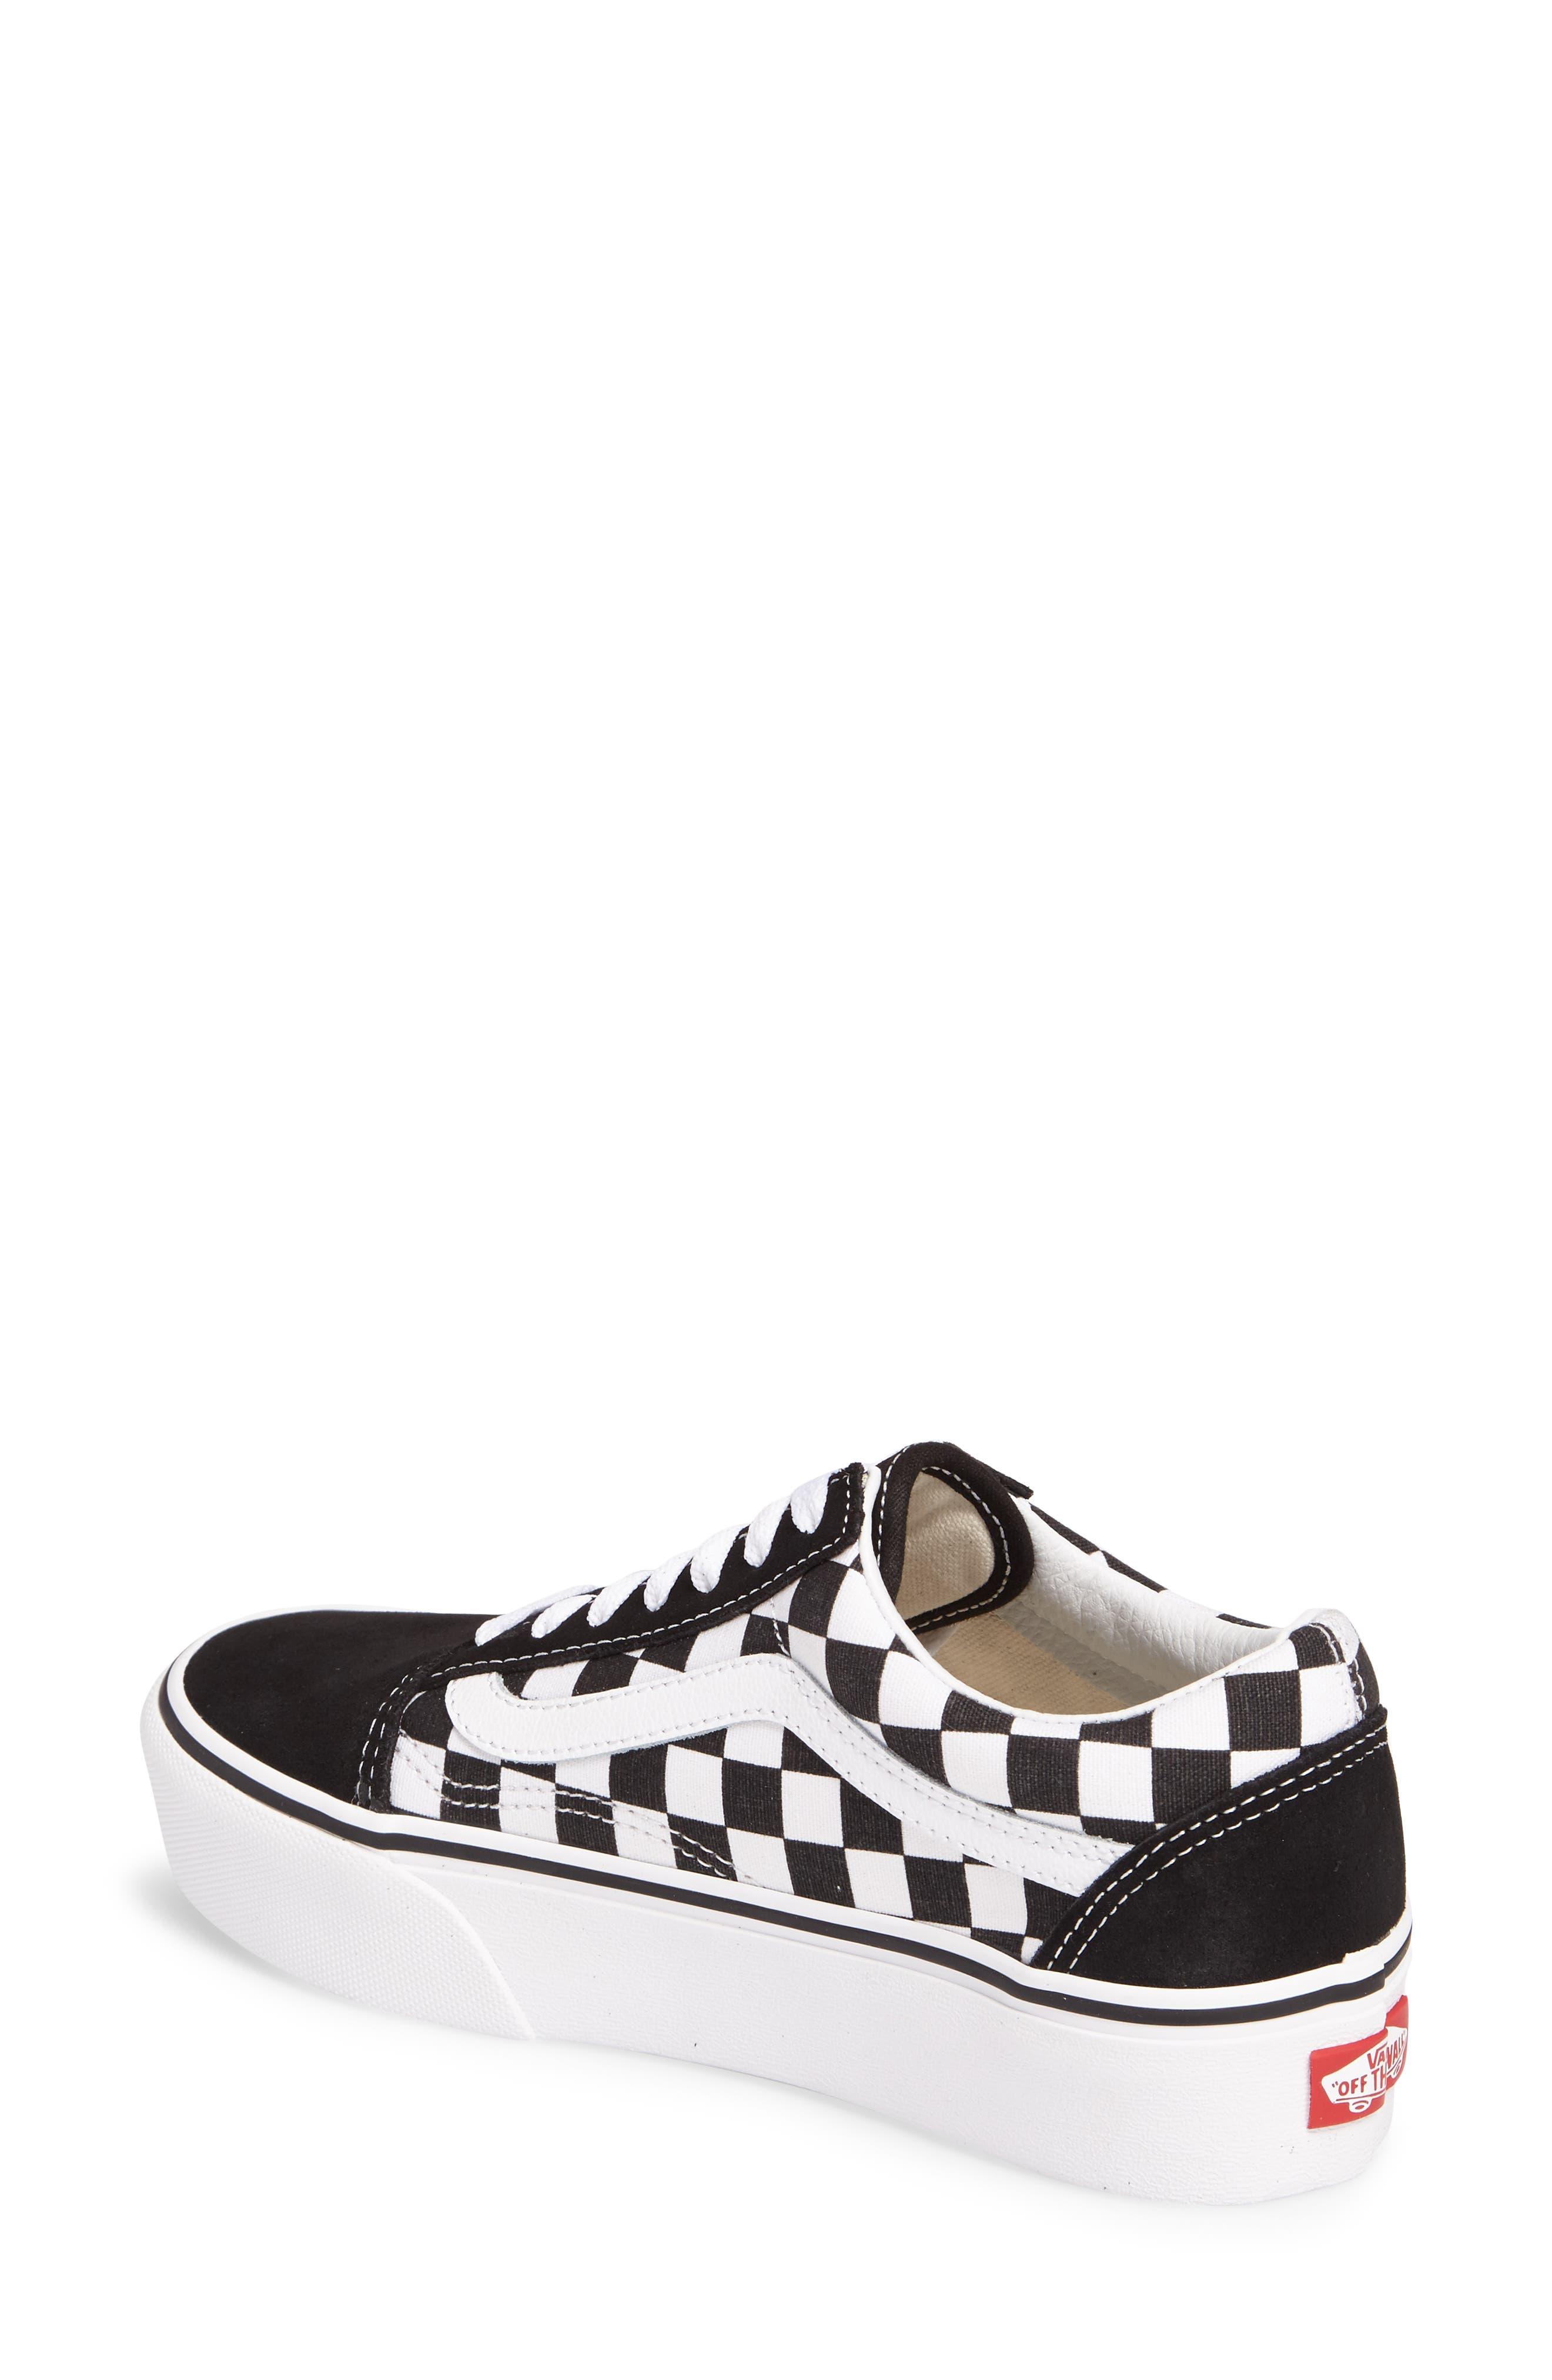 Alternate Image 2  - Vans Old Skool Platform Sneaker (Women)